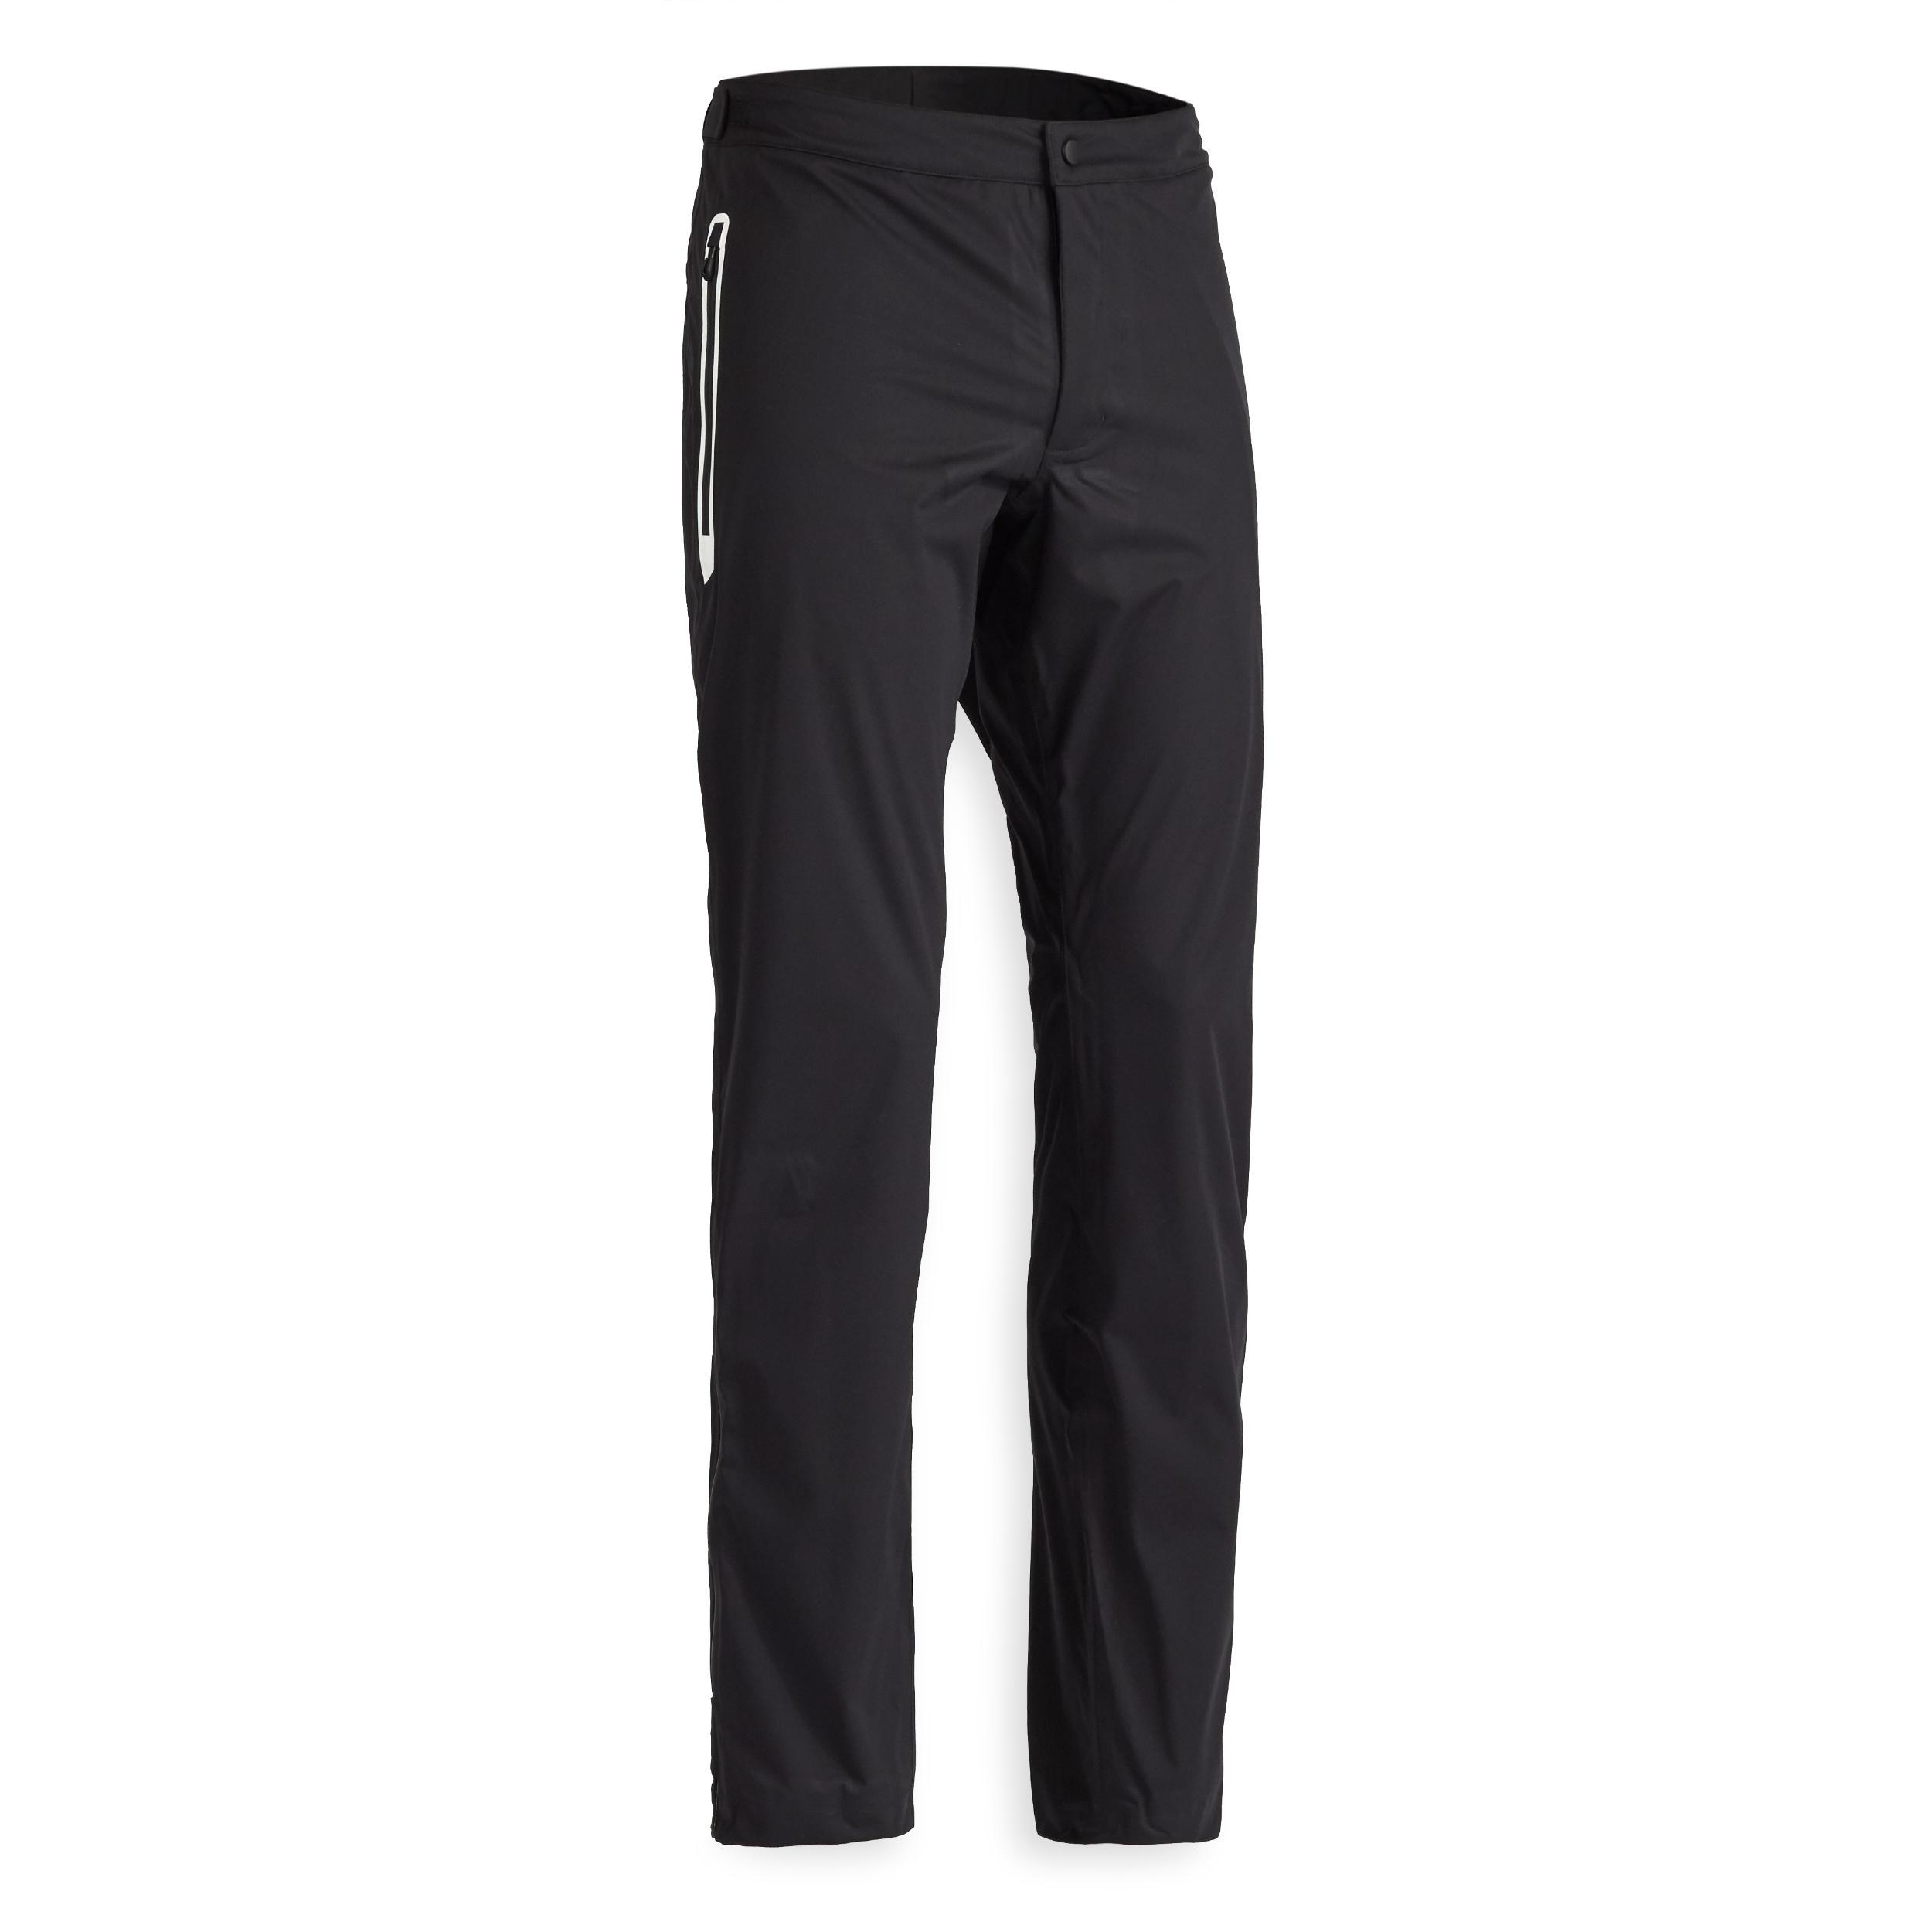 Pantalon Golf Negru Bărbaţi imagine